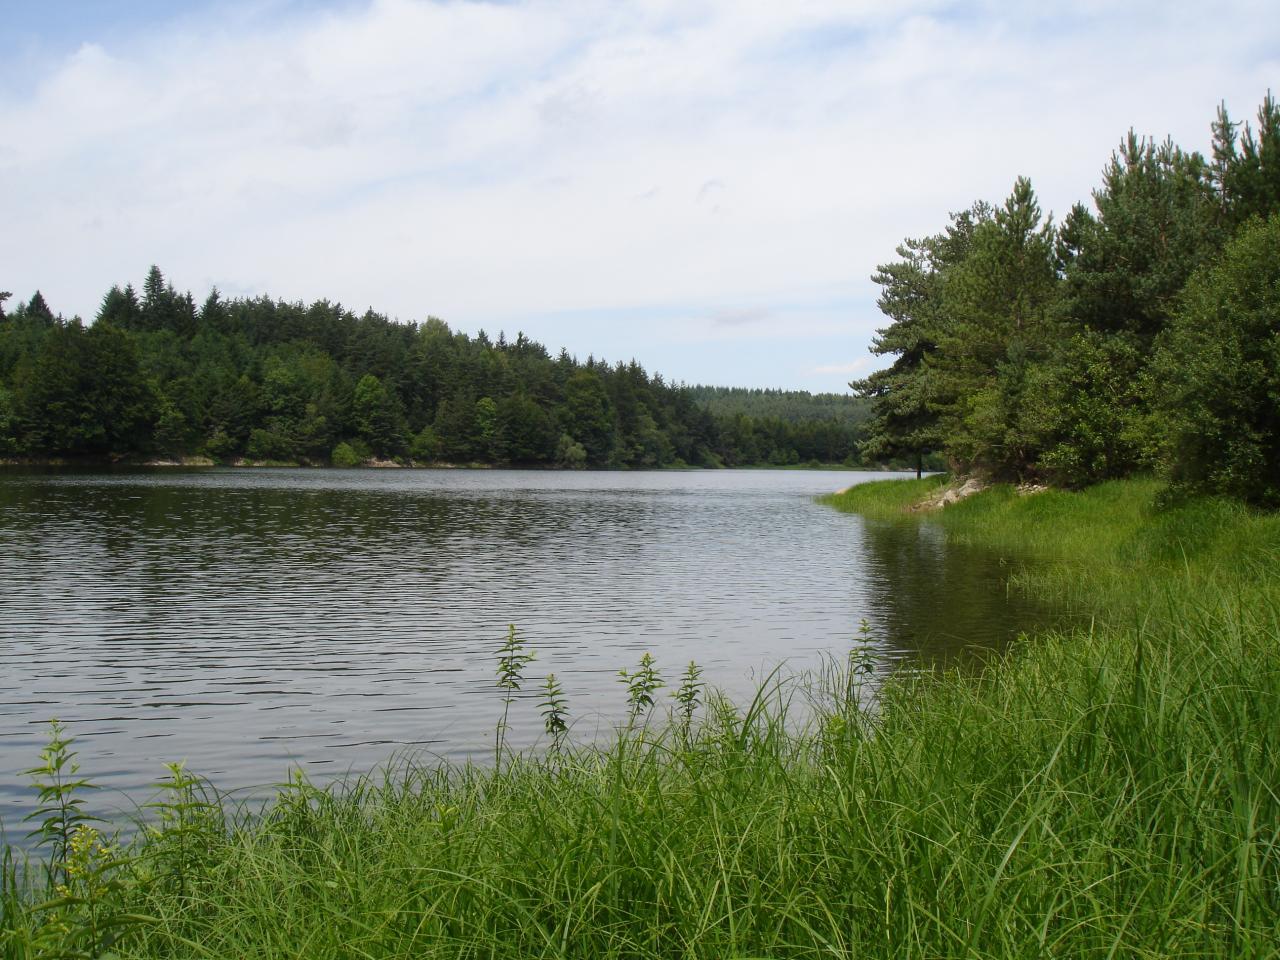 Un environnement sauvage et protégé